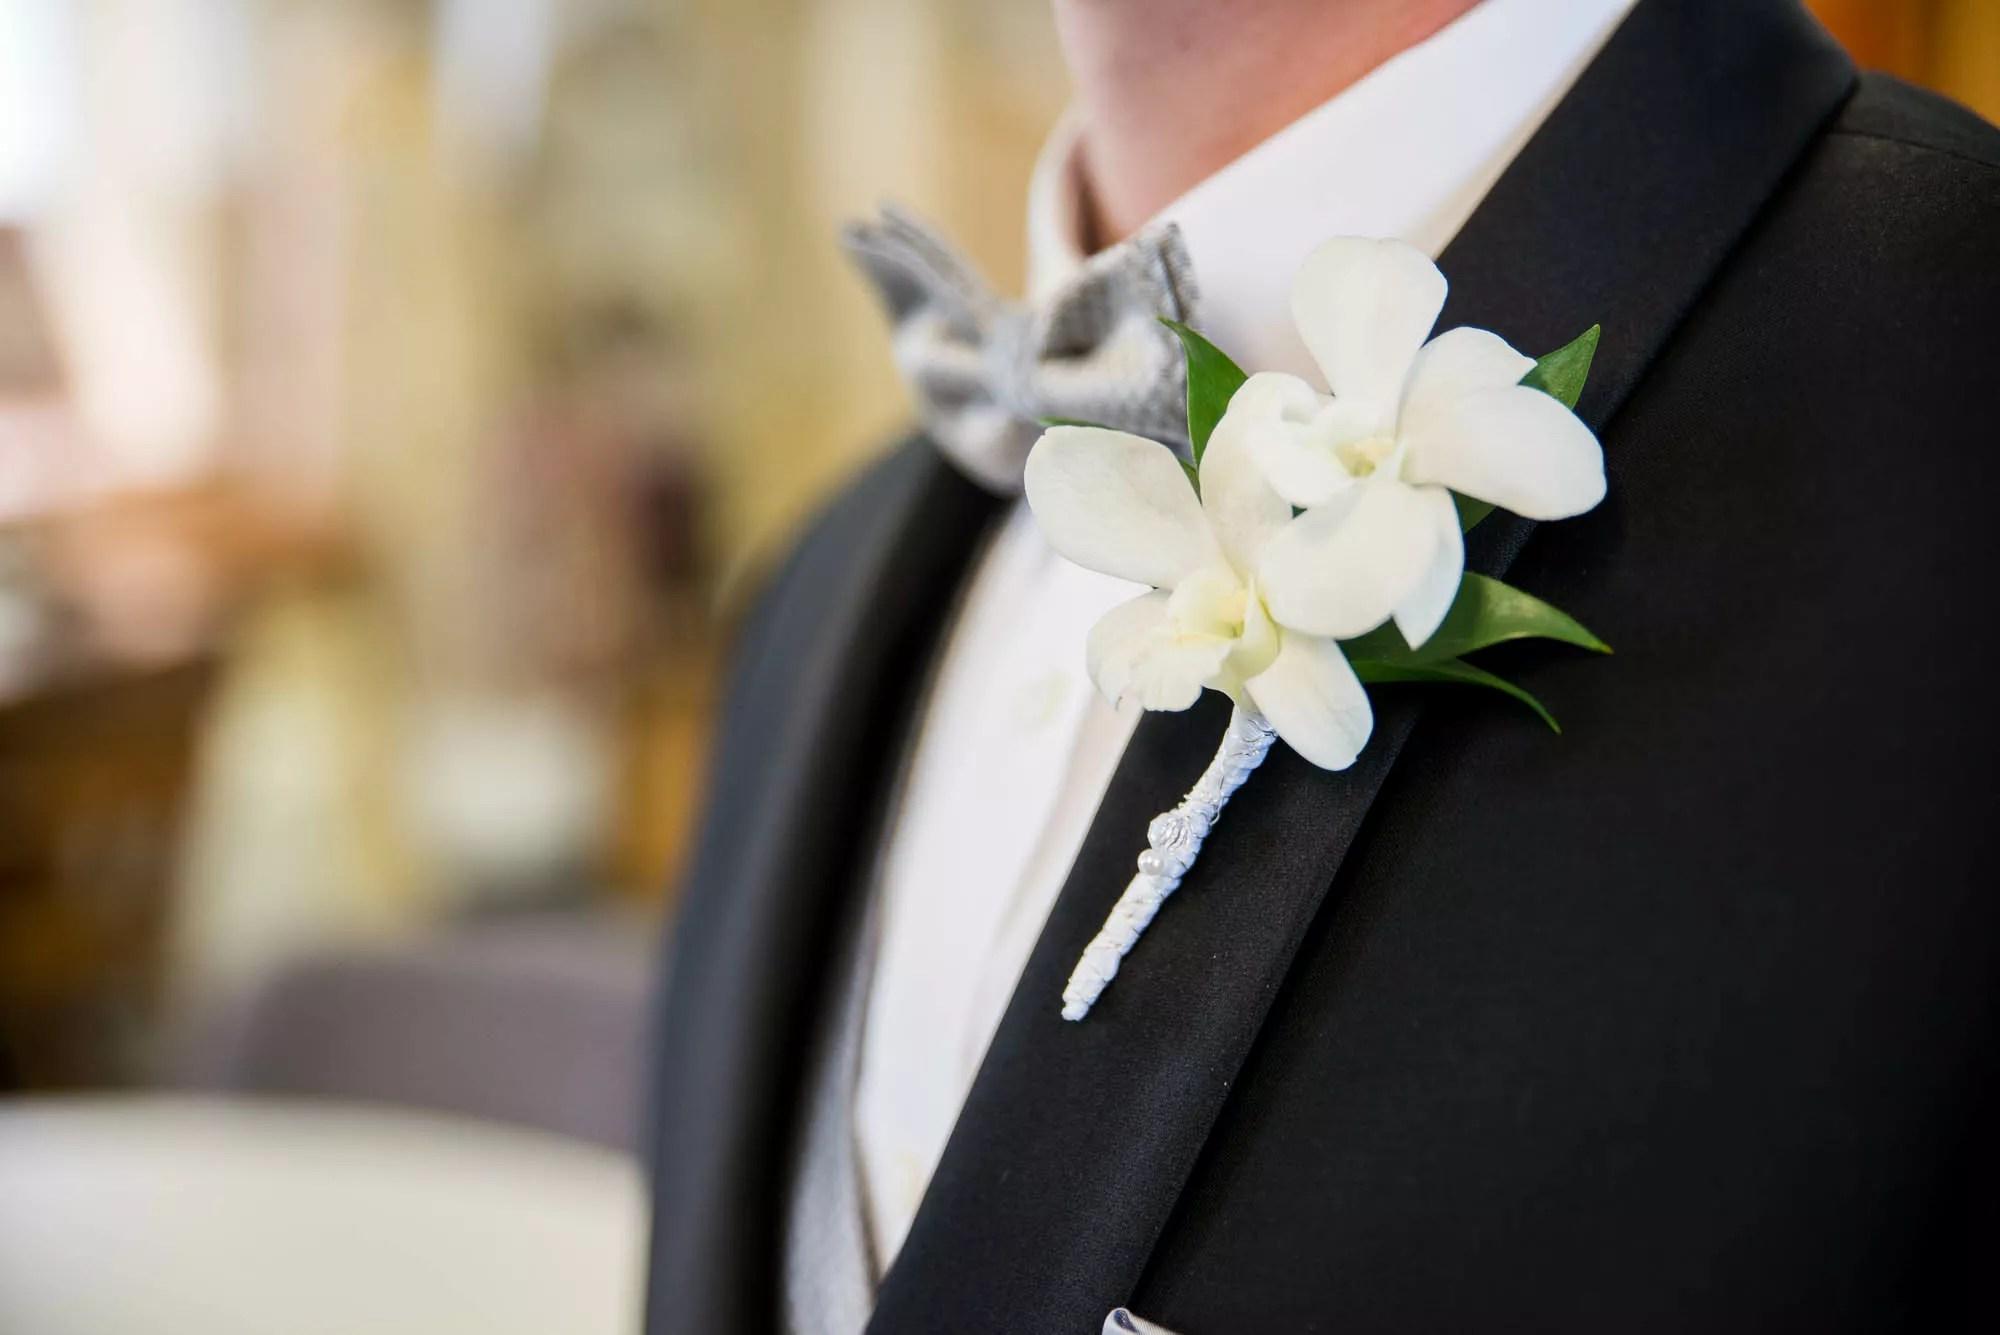 White Gardenia Boutonniere On Black Lapel